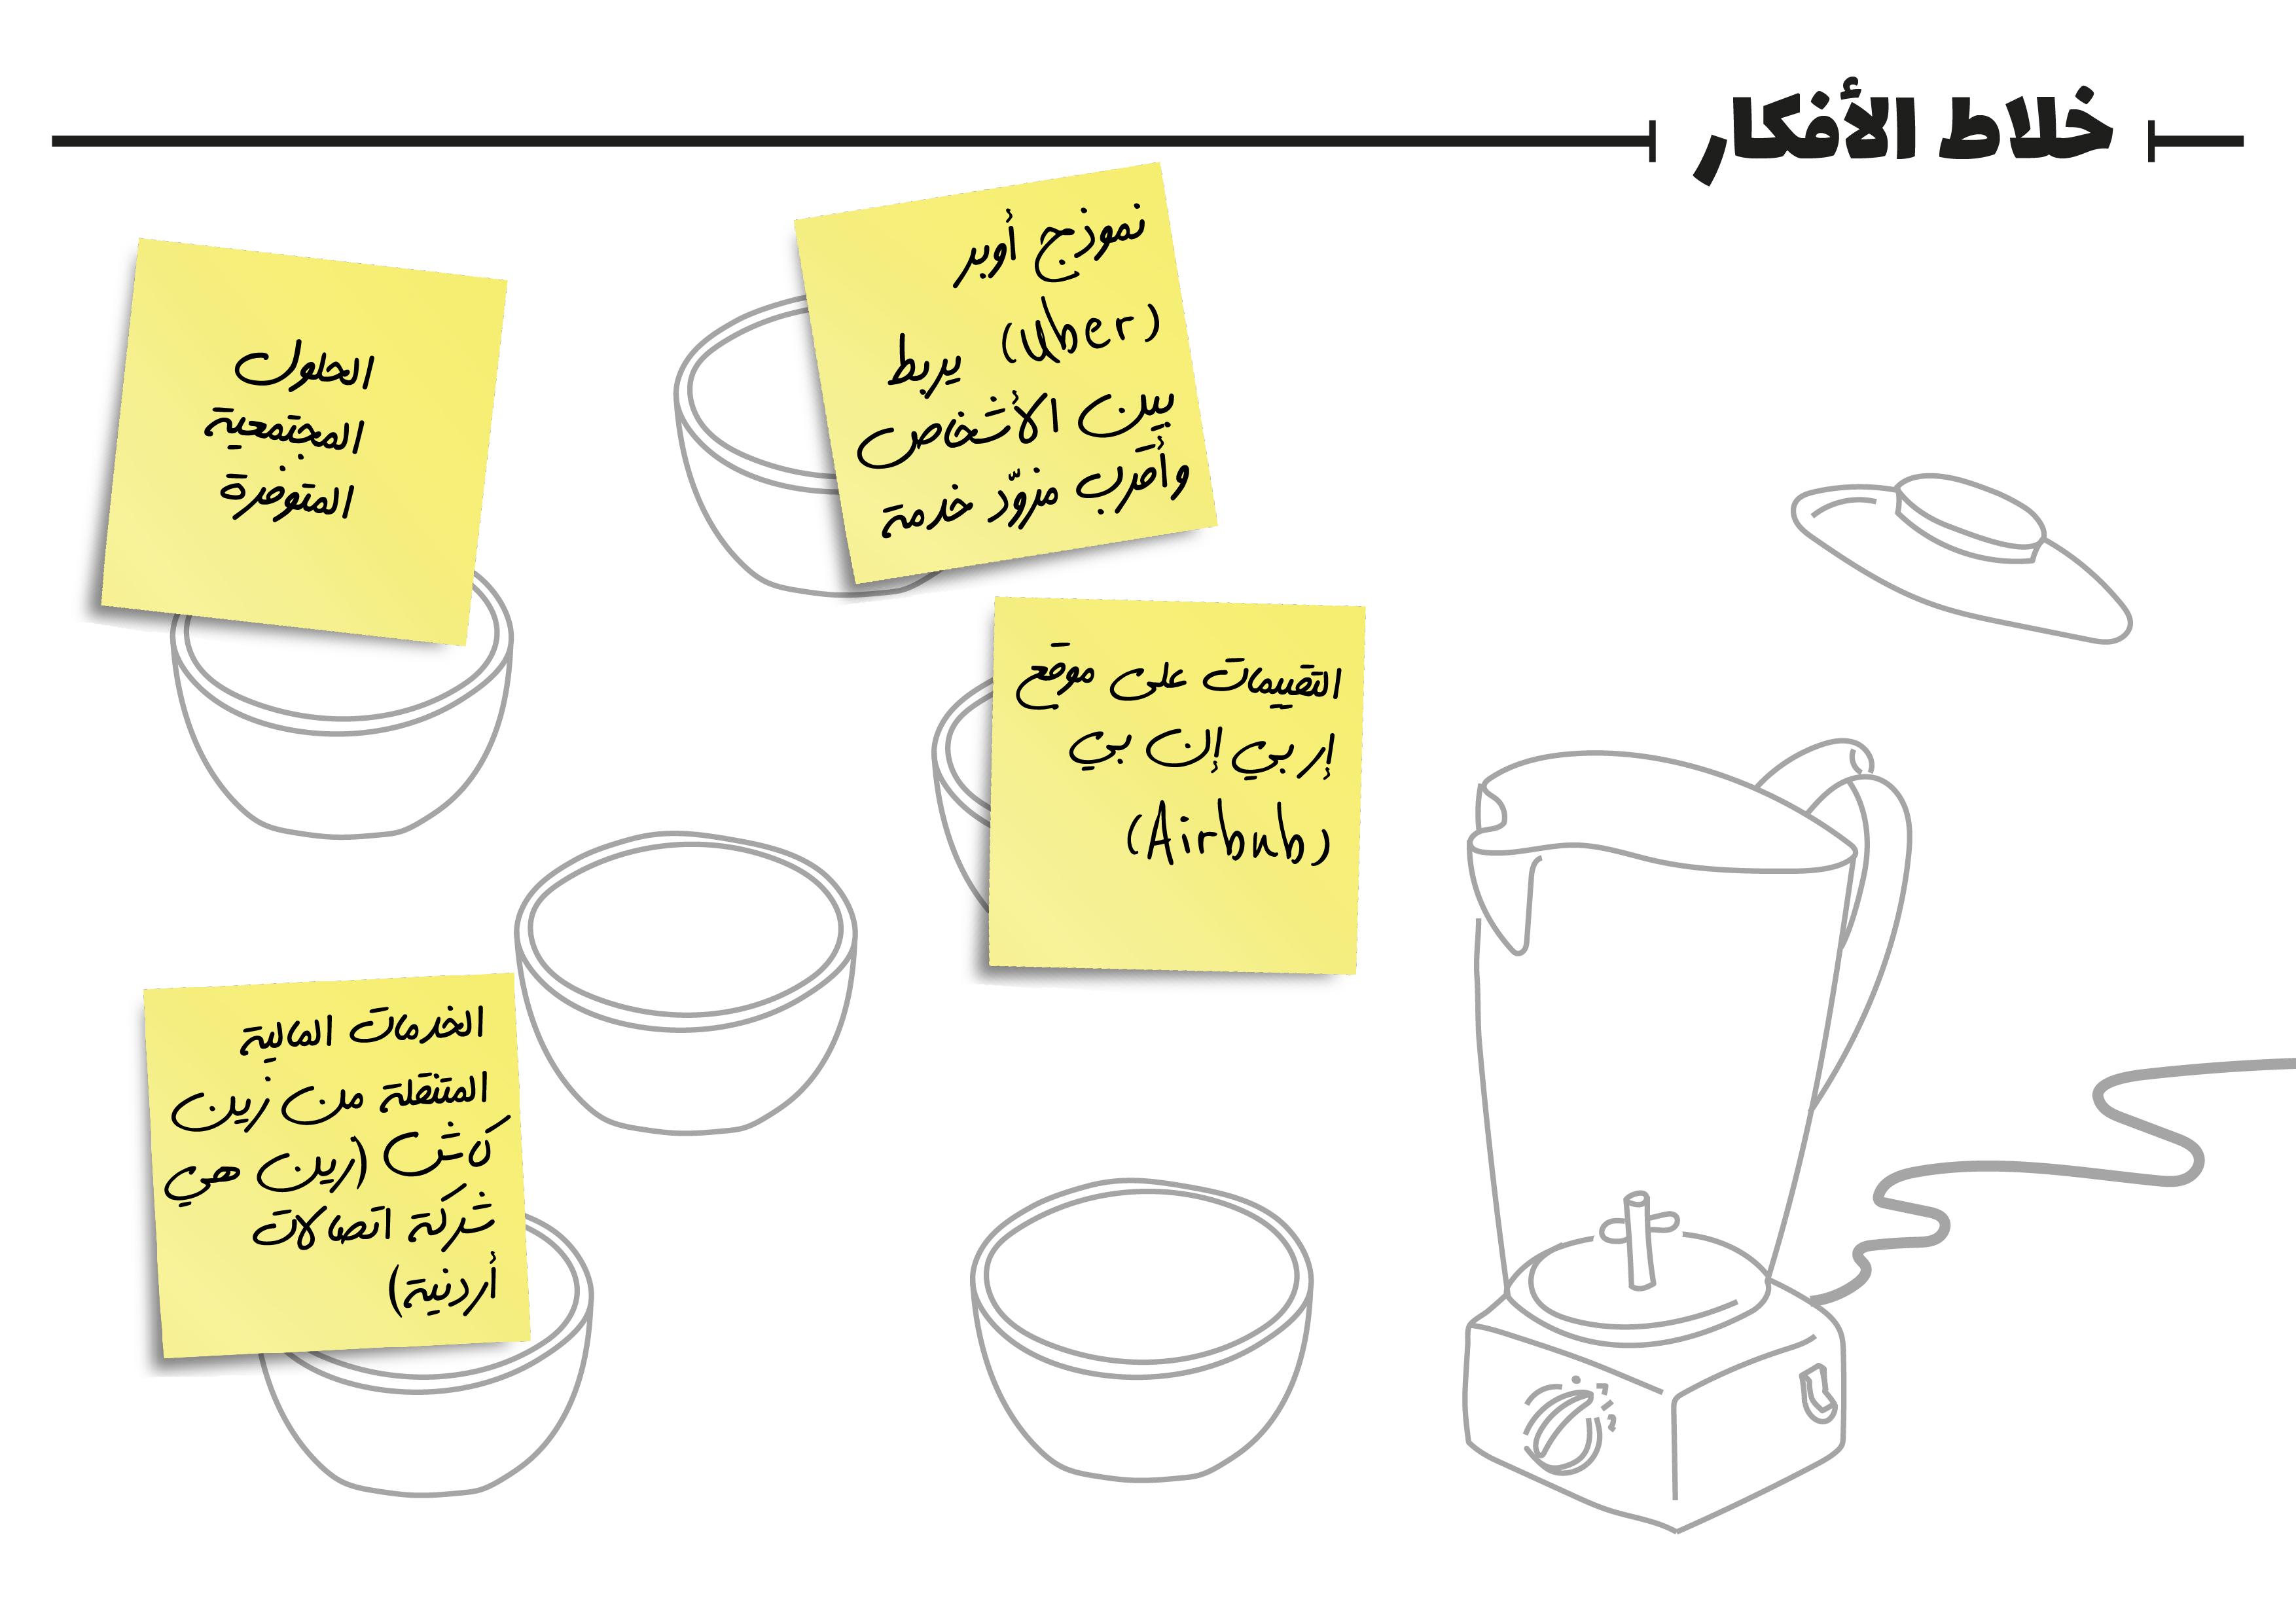 خلّاط الأفكار image